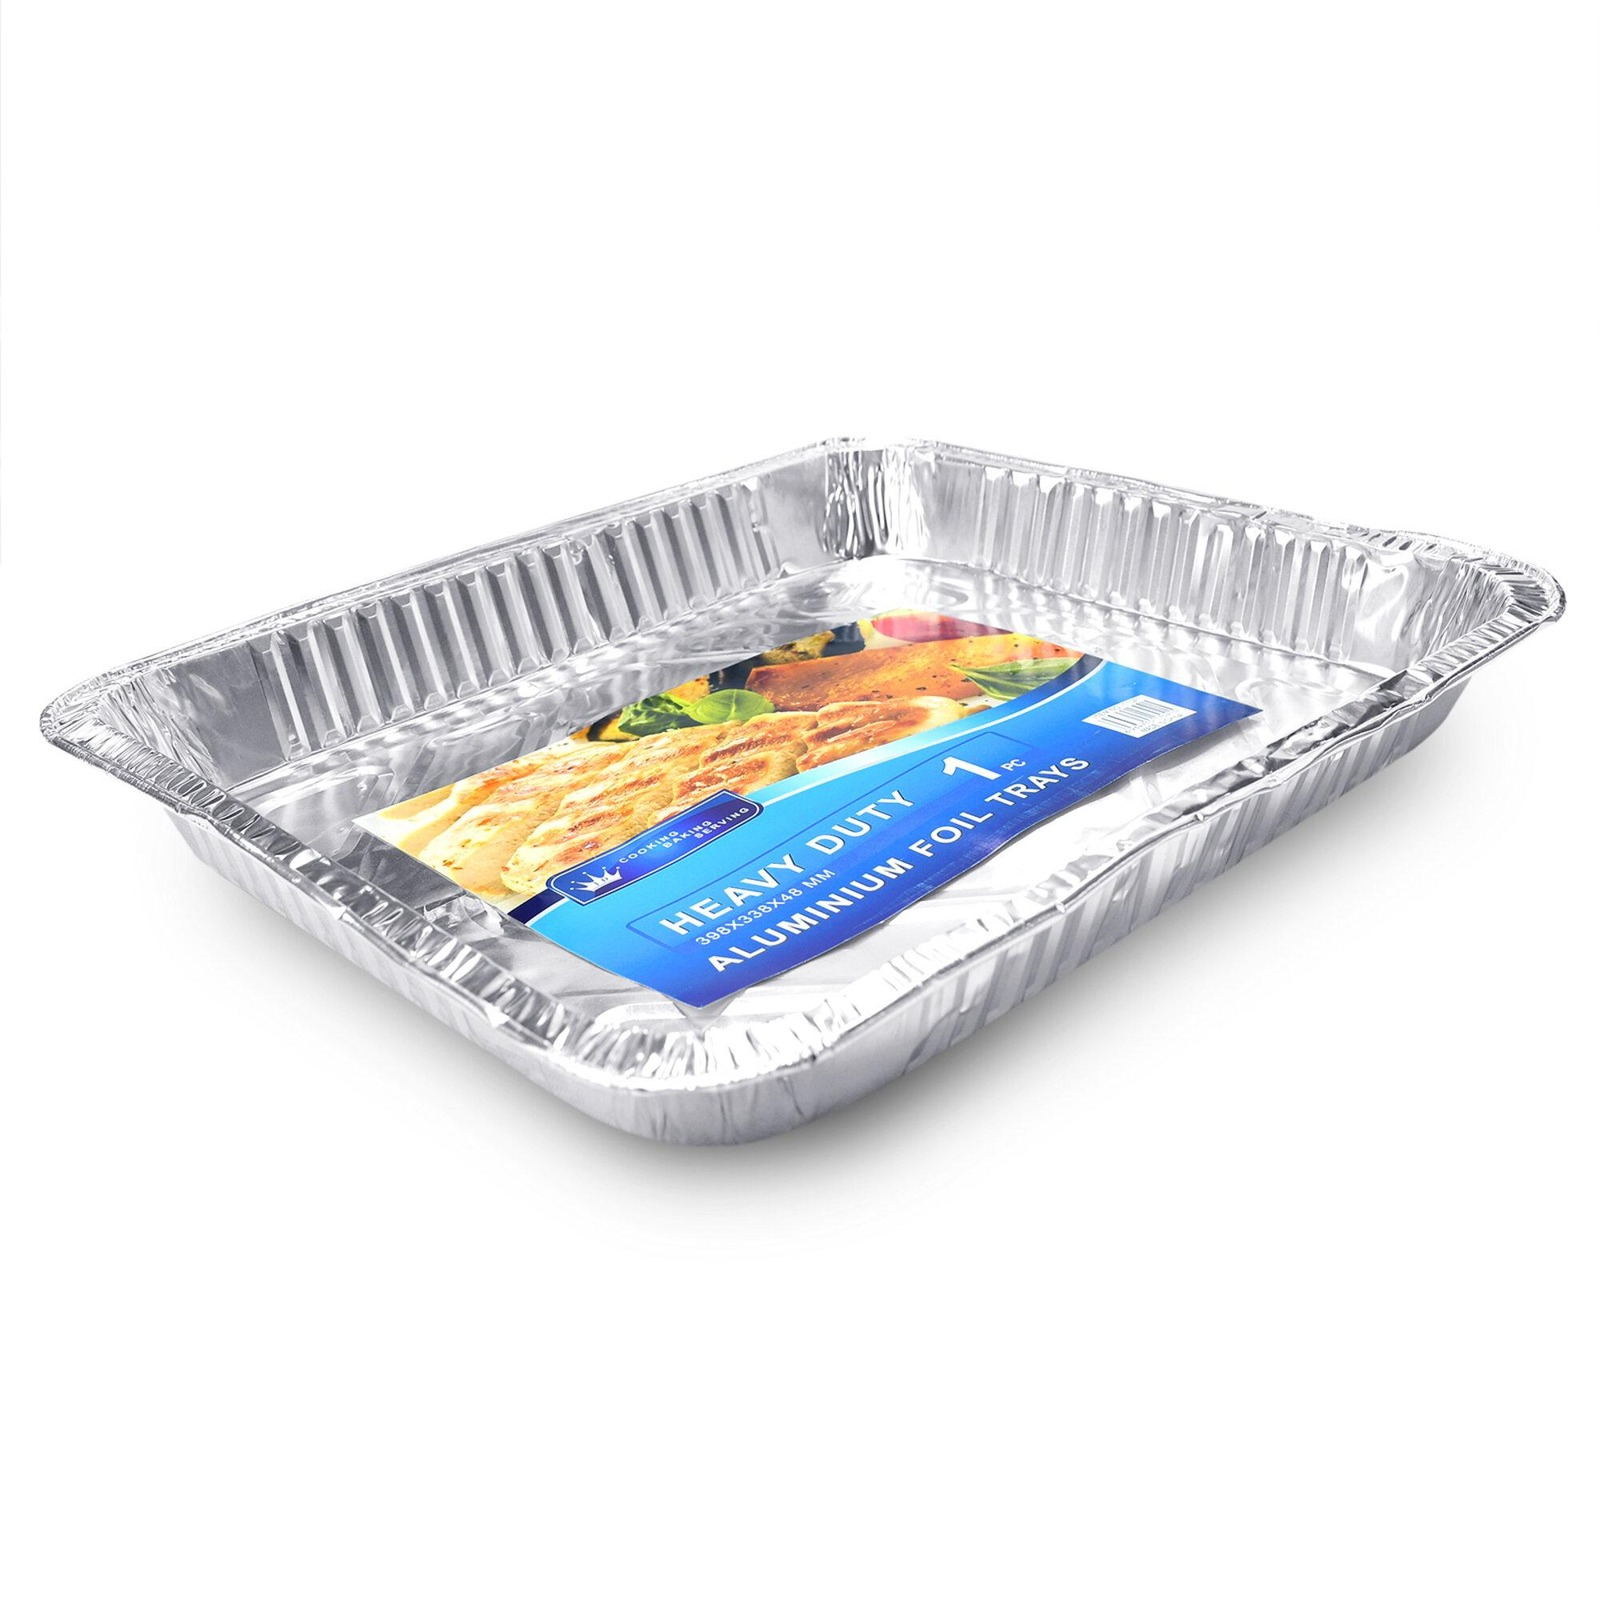 HOUZE Aluminium Foil Tray